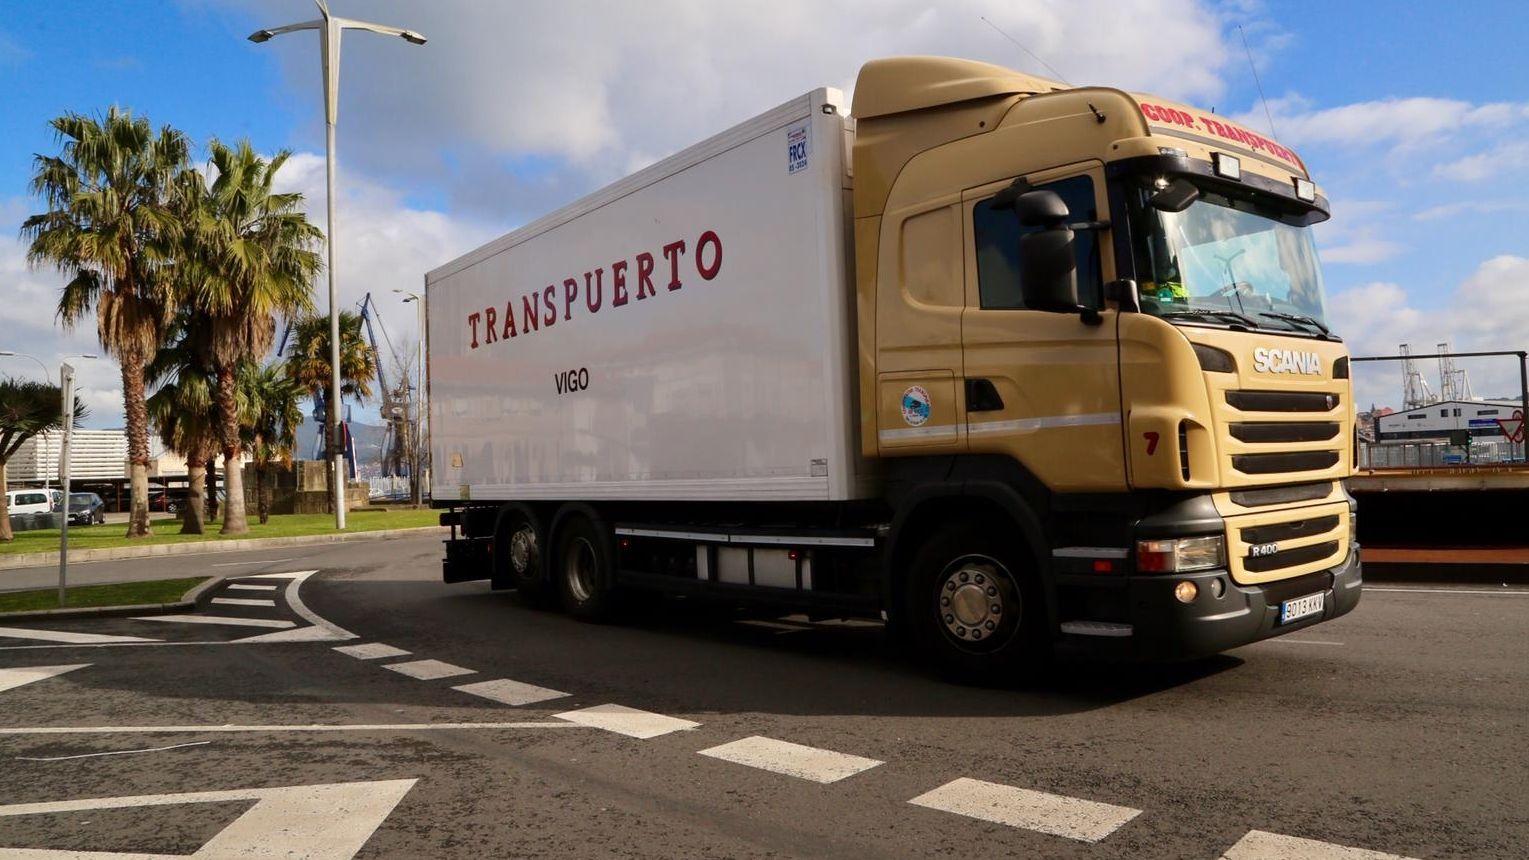 Un camión en el puerto de Vigo